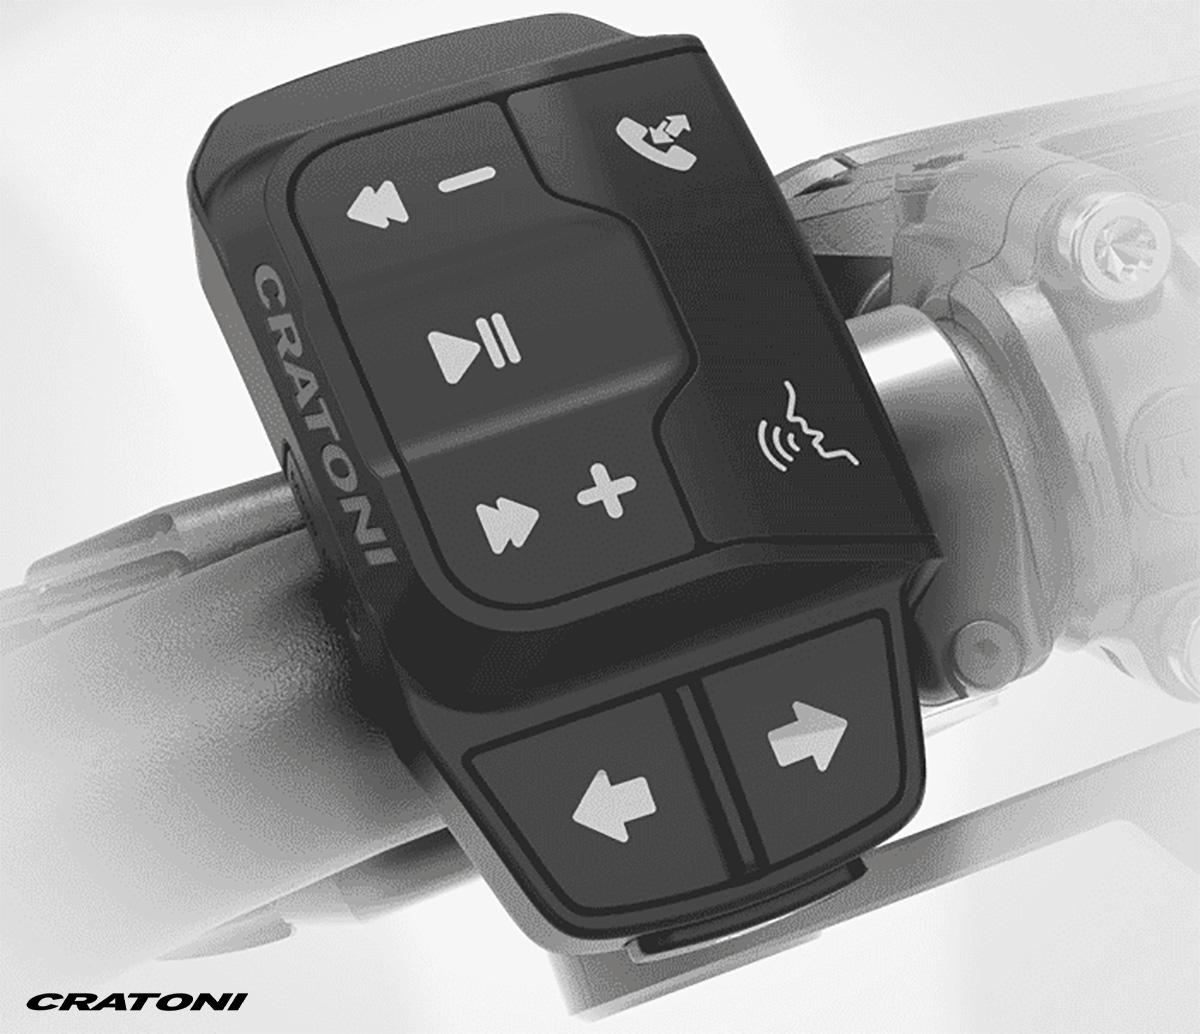 Il comando del nuovo casco per ebike Cratoni Smartride 1.2